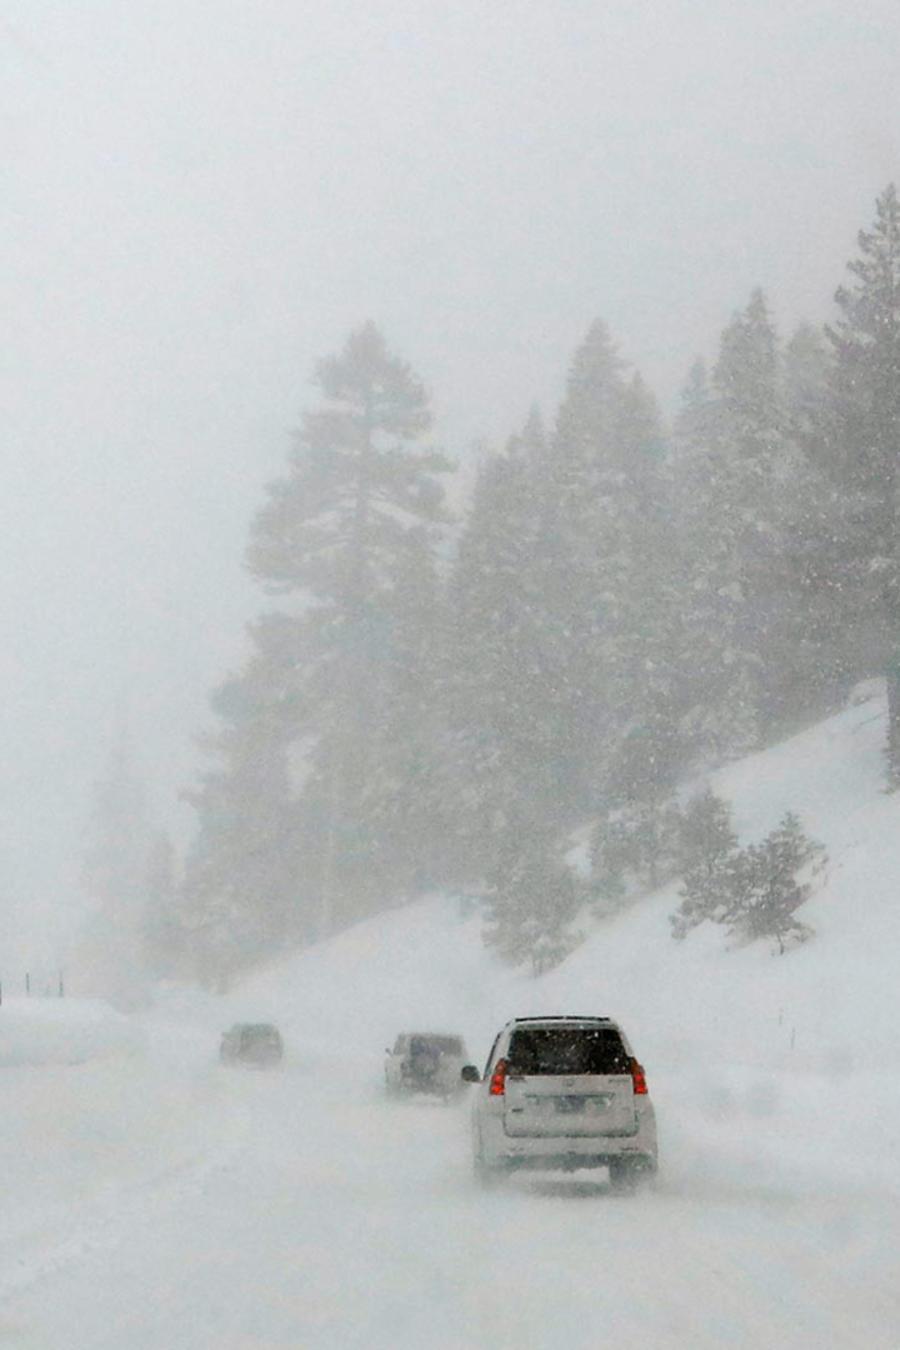 caos por tormenta invernal